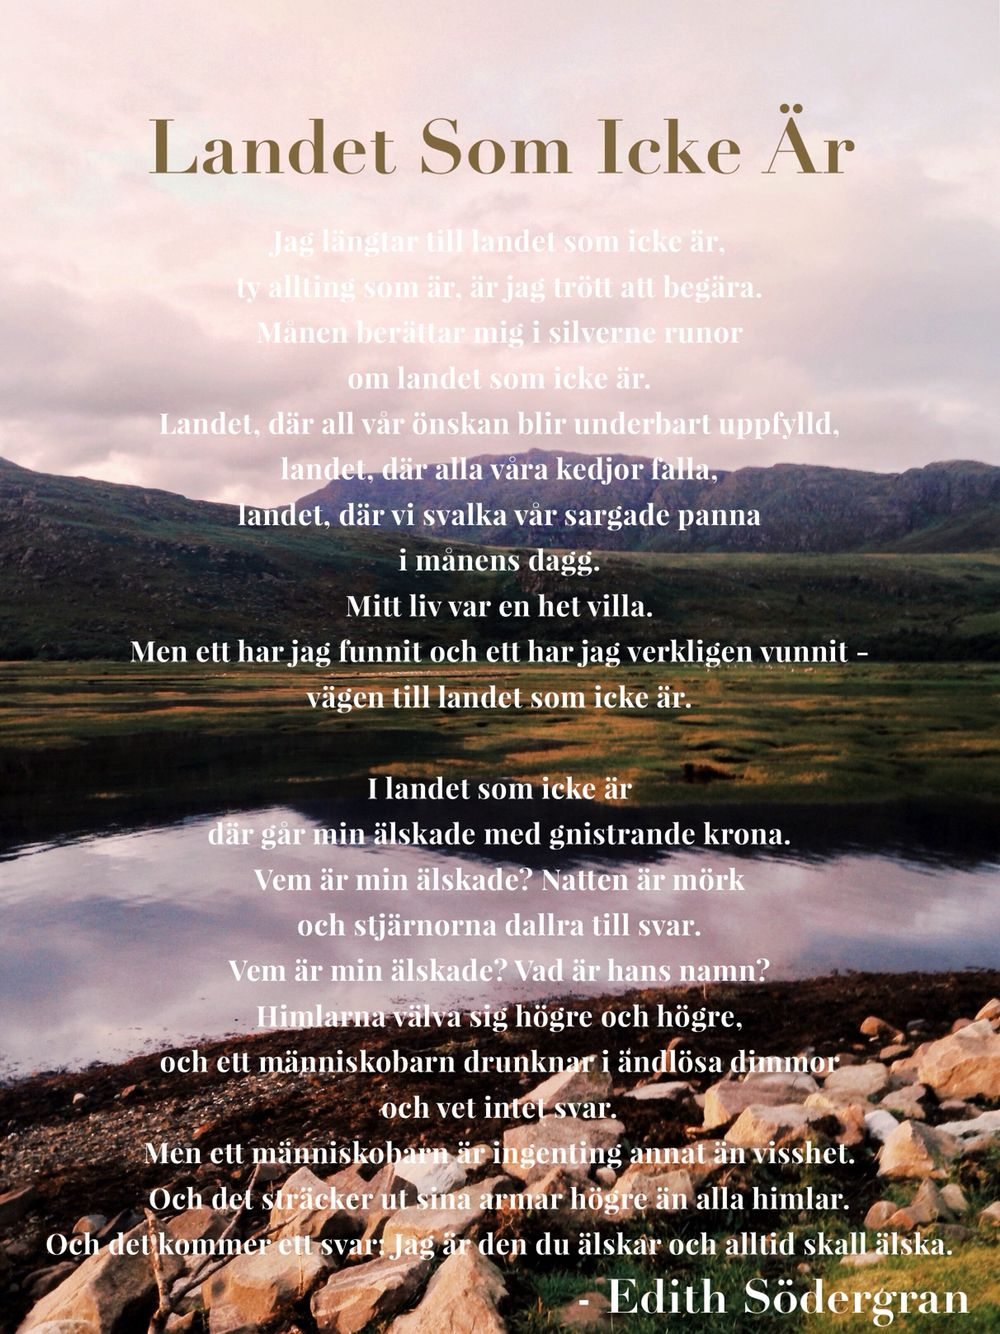 Edith Sodergran Citat Dikter Runor